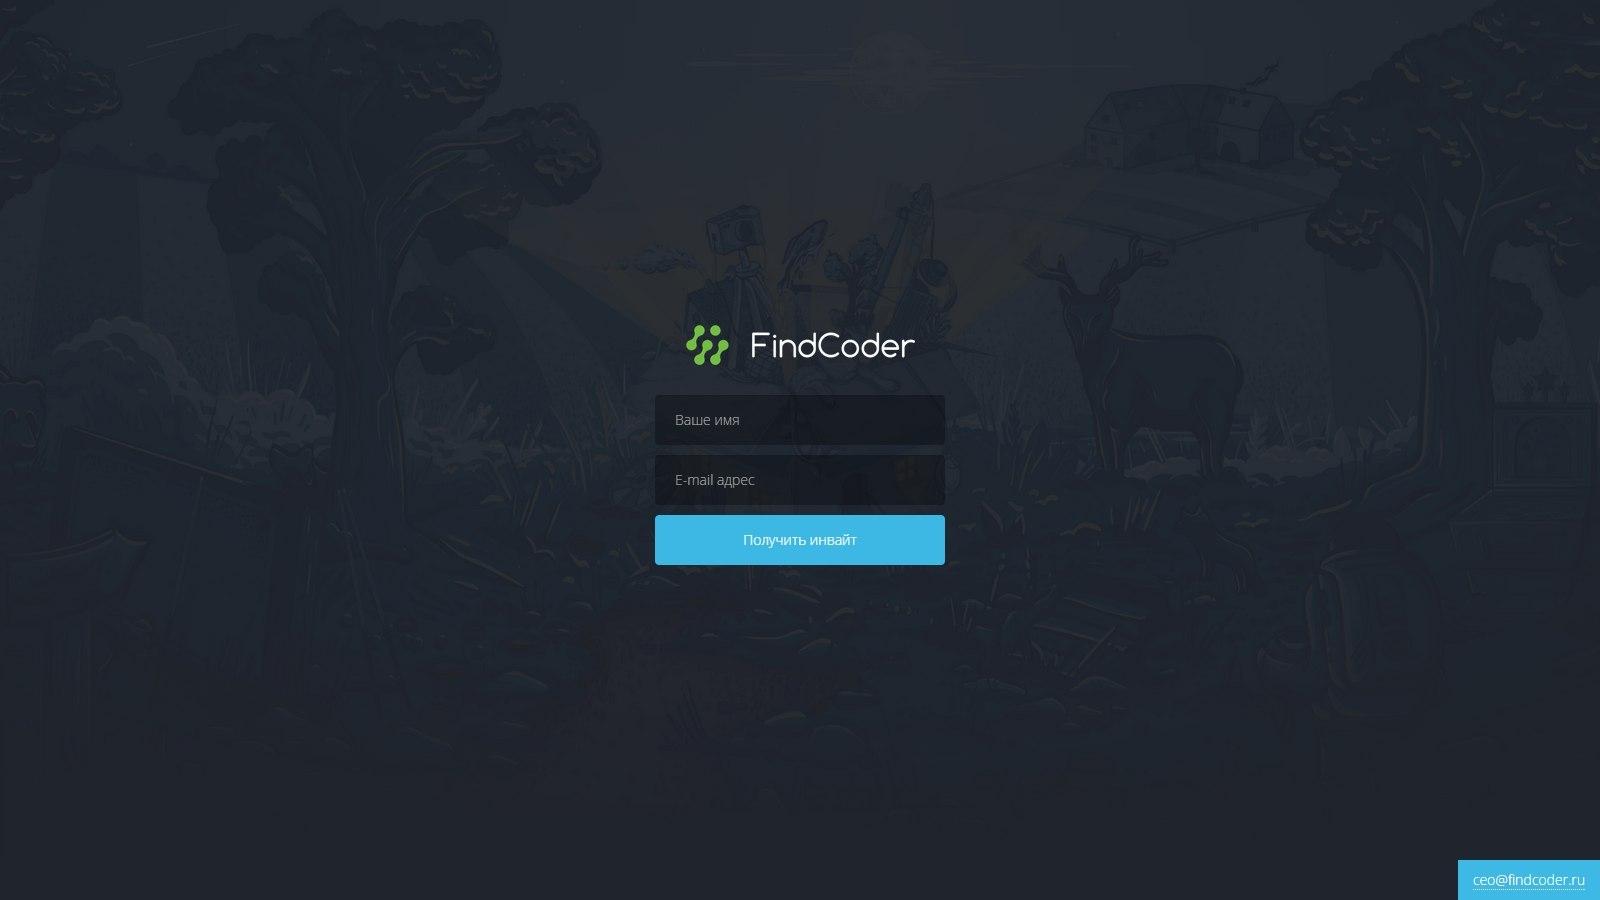 Запуск системы инвайтов на FindCoder